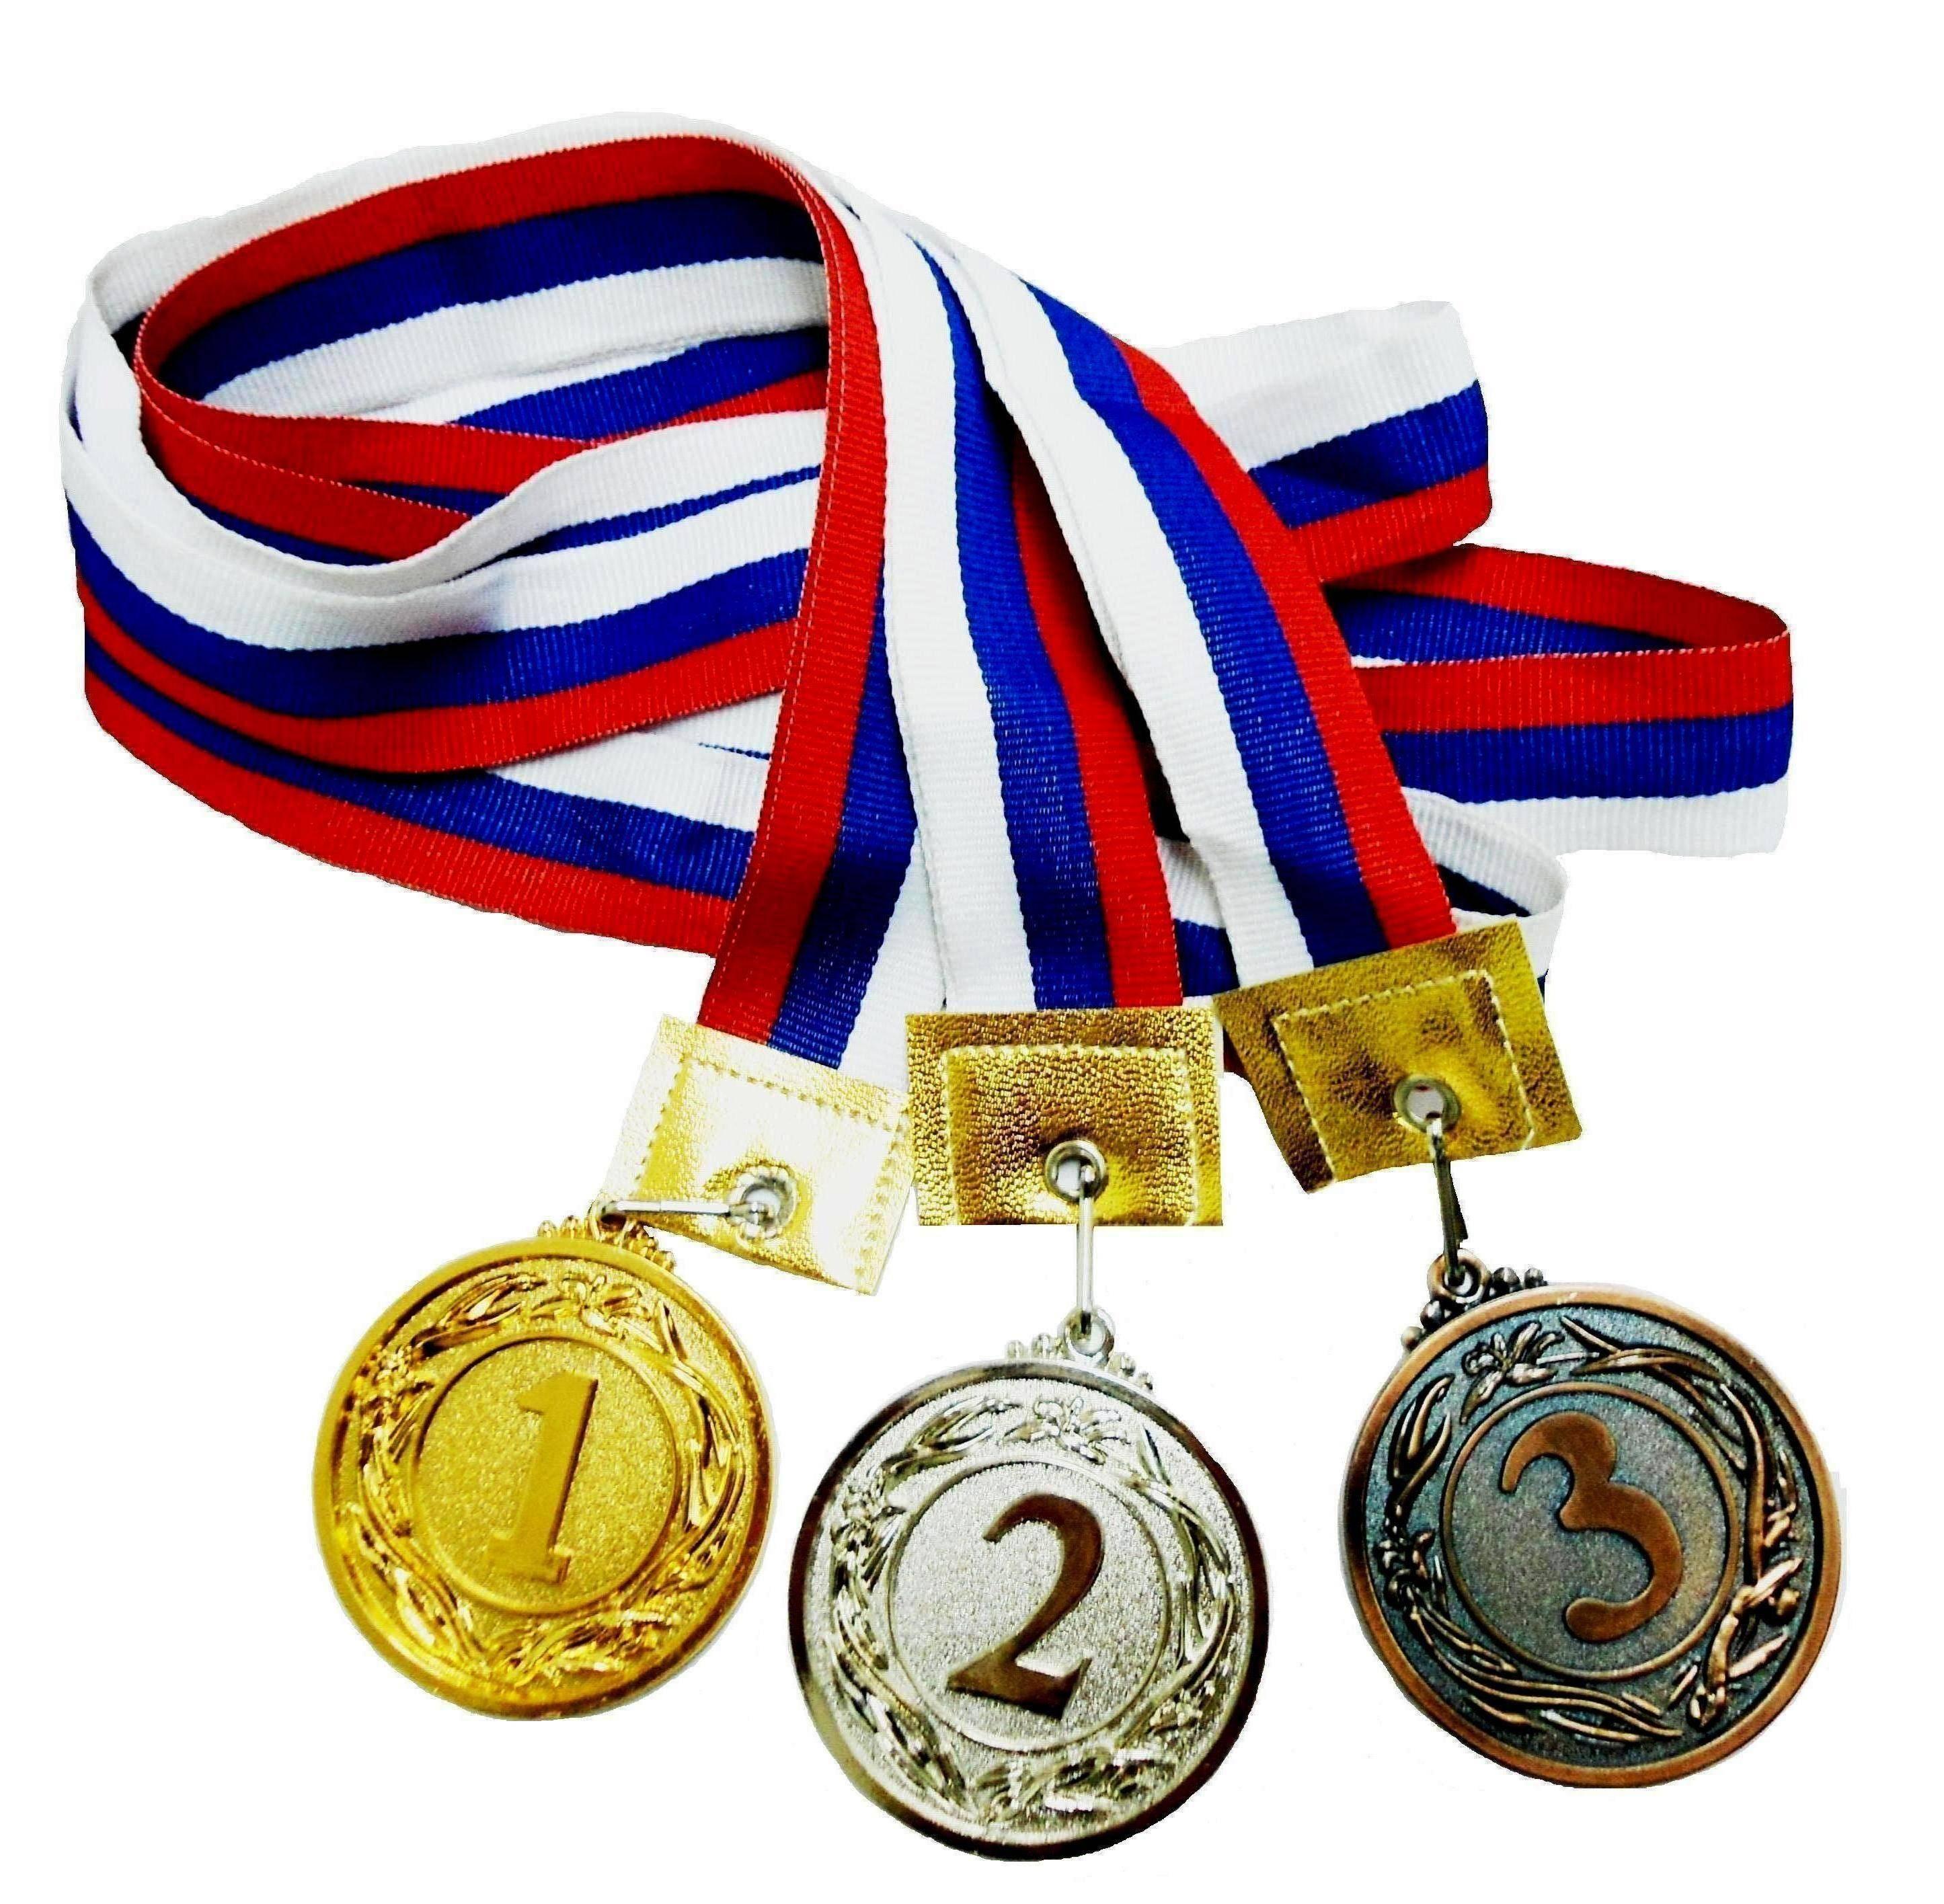 Картинки наград спортсменов